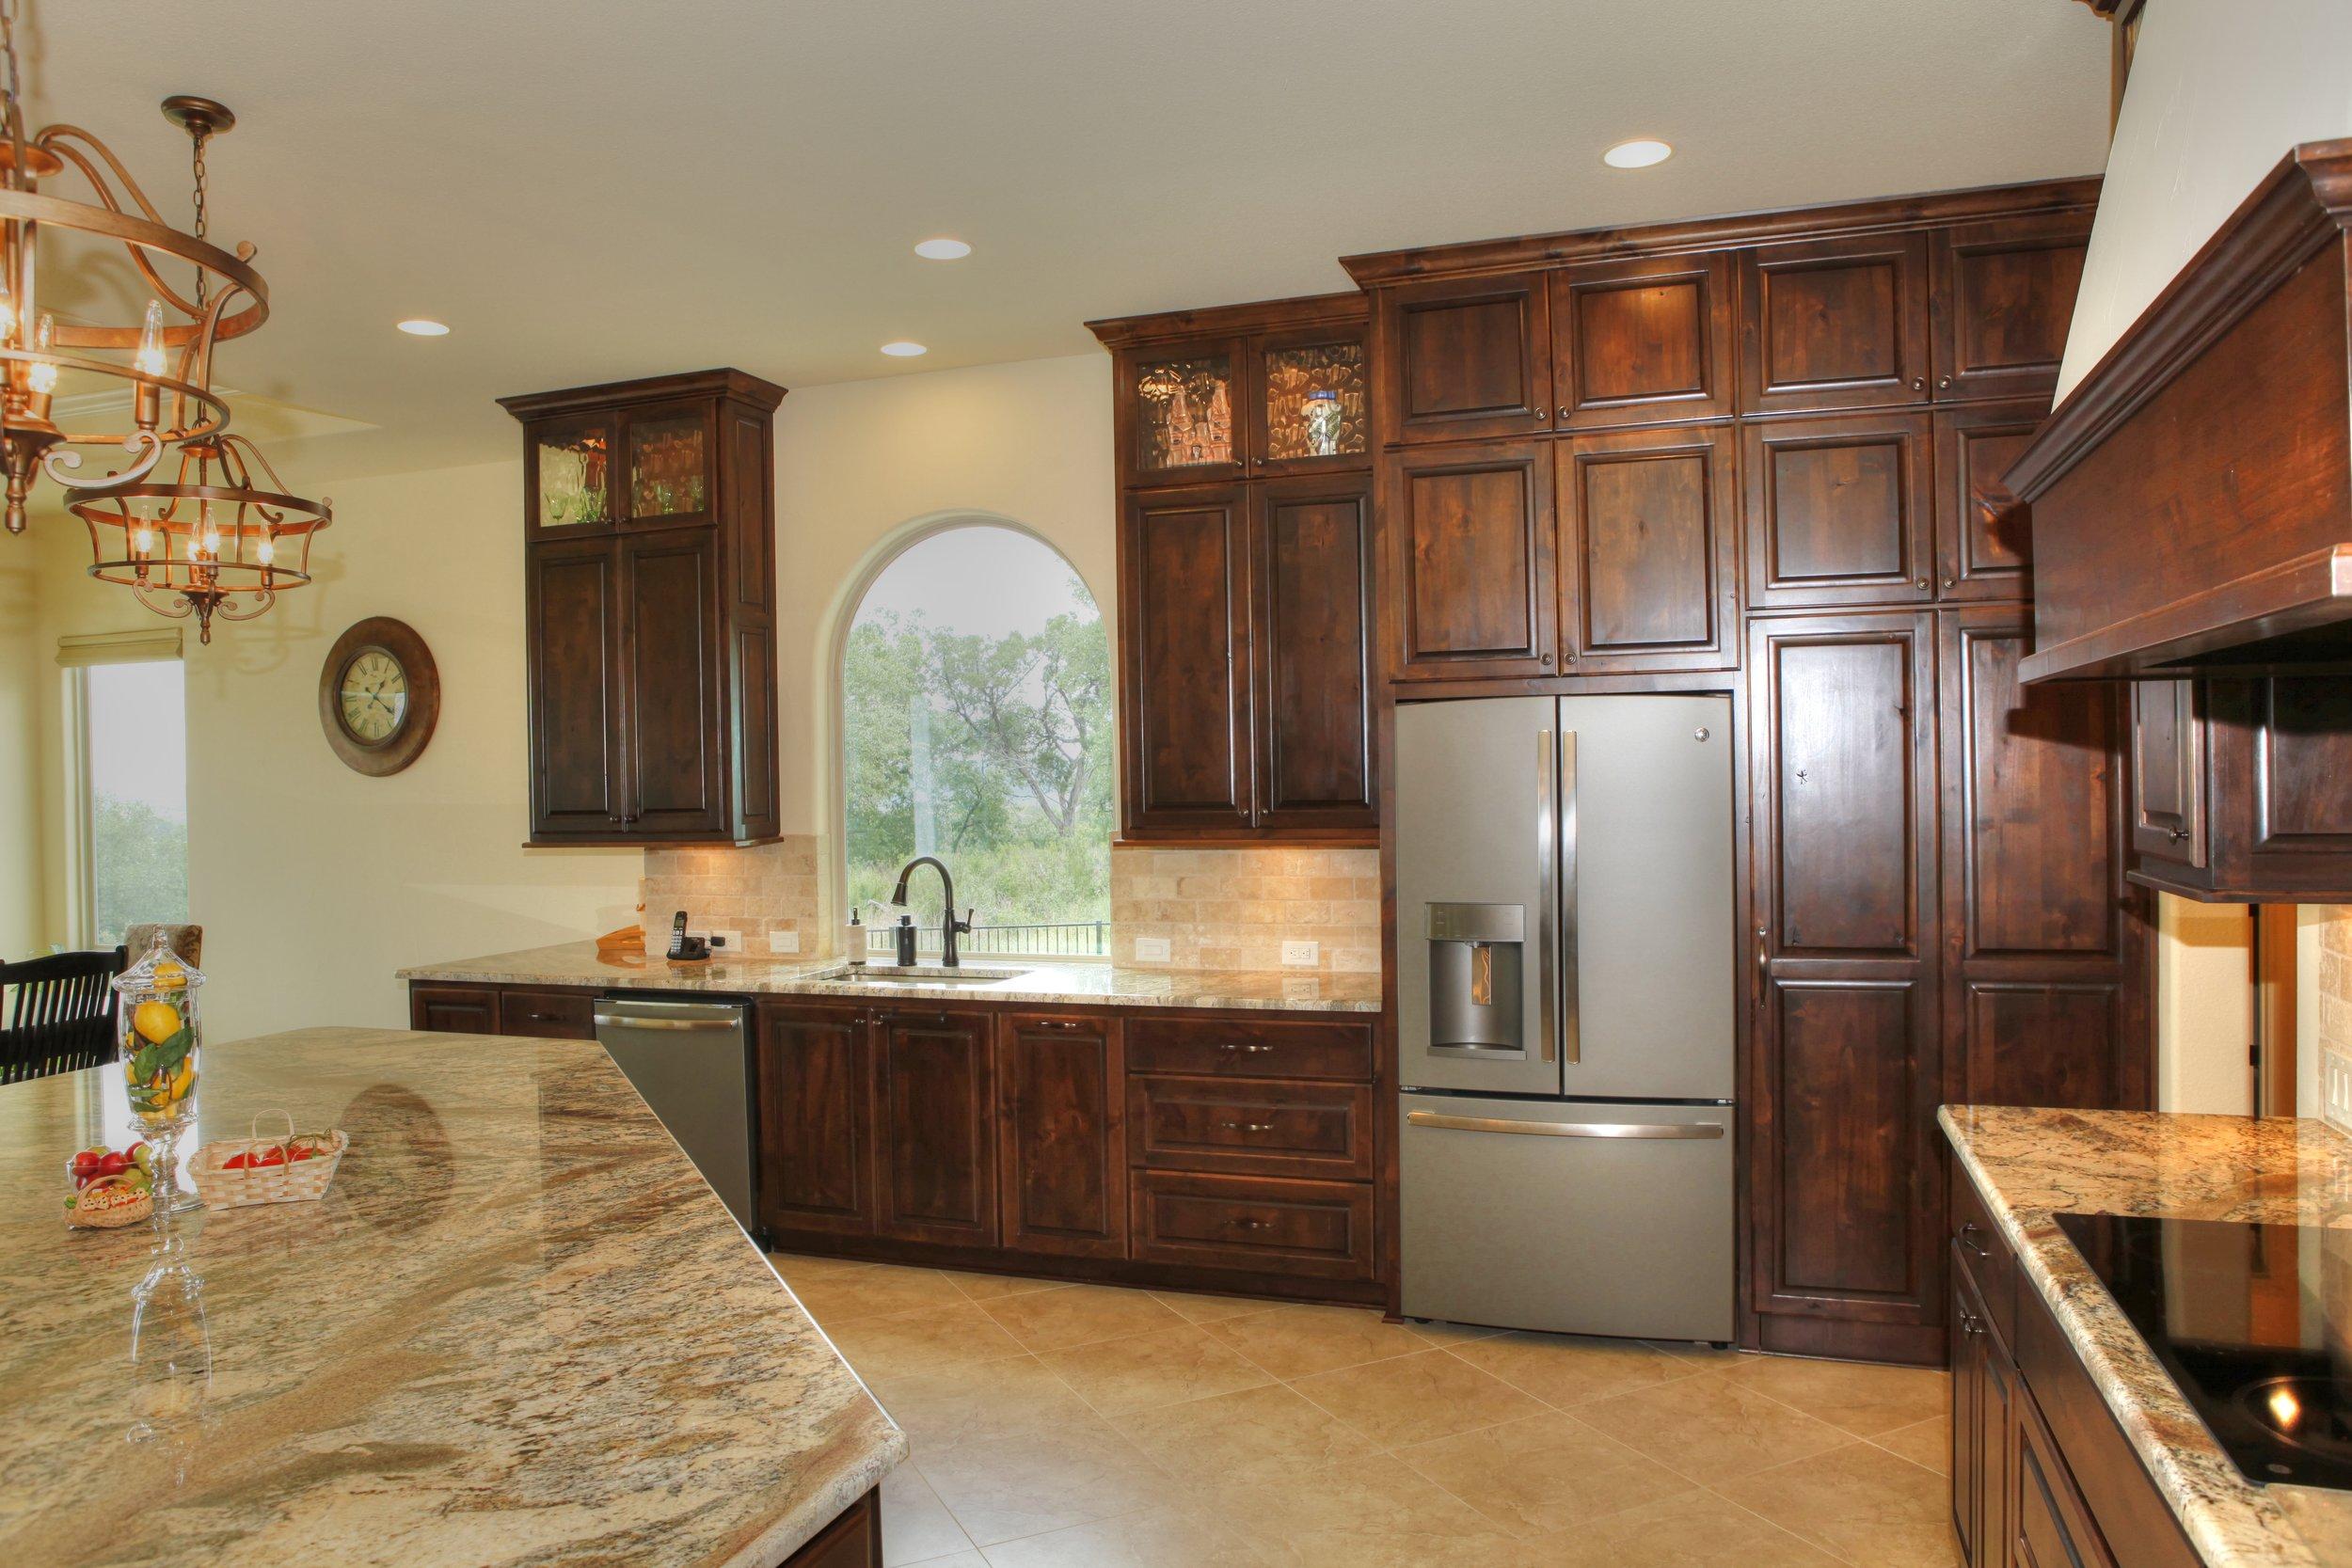 10-kitchen 3.jpg